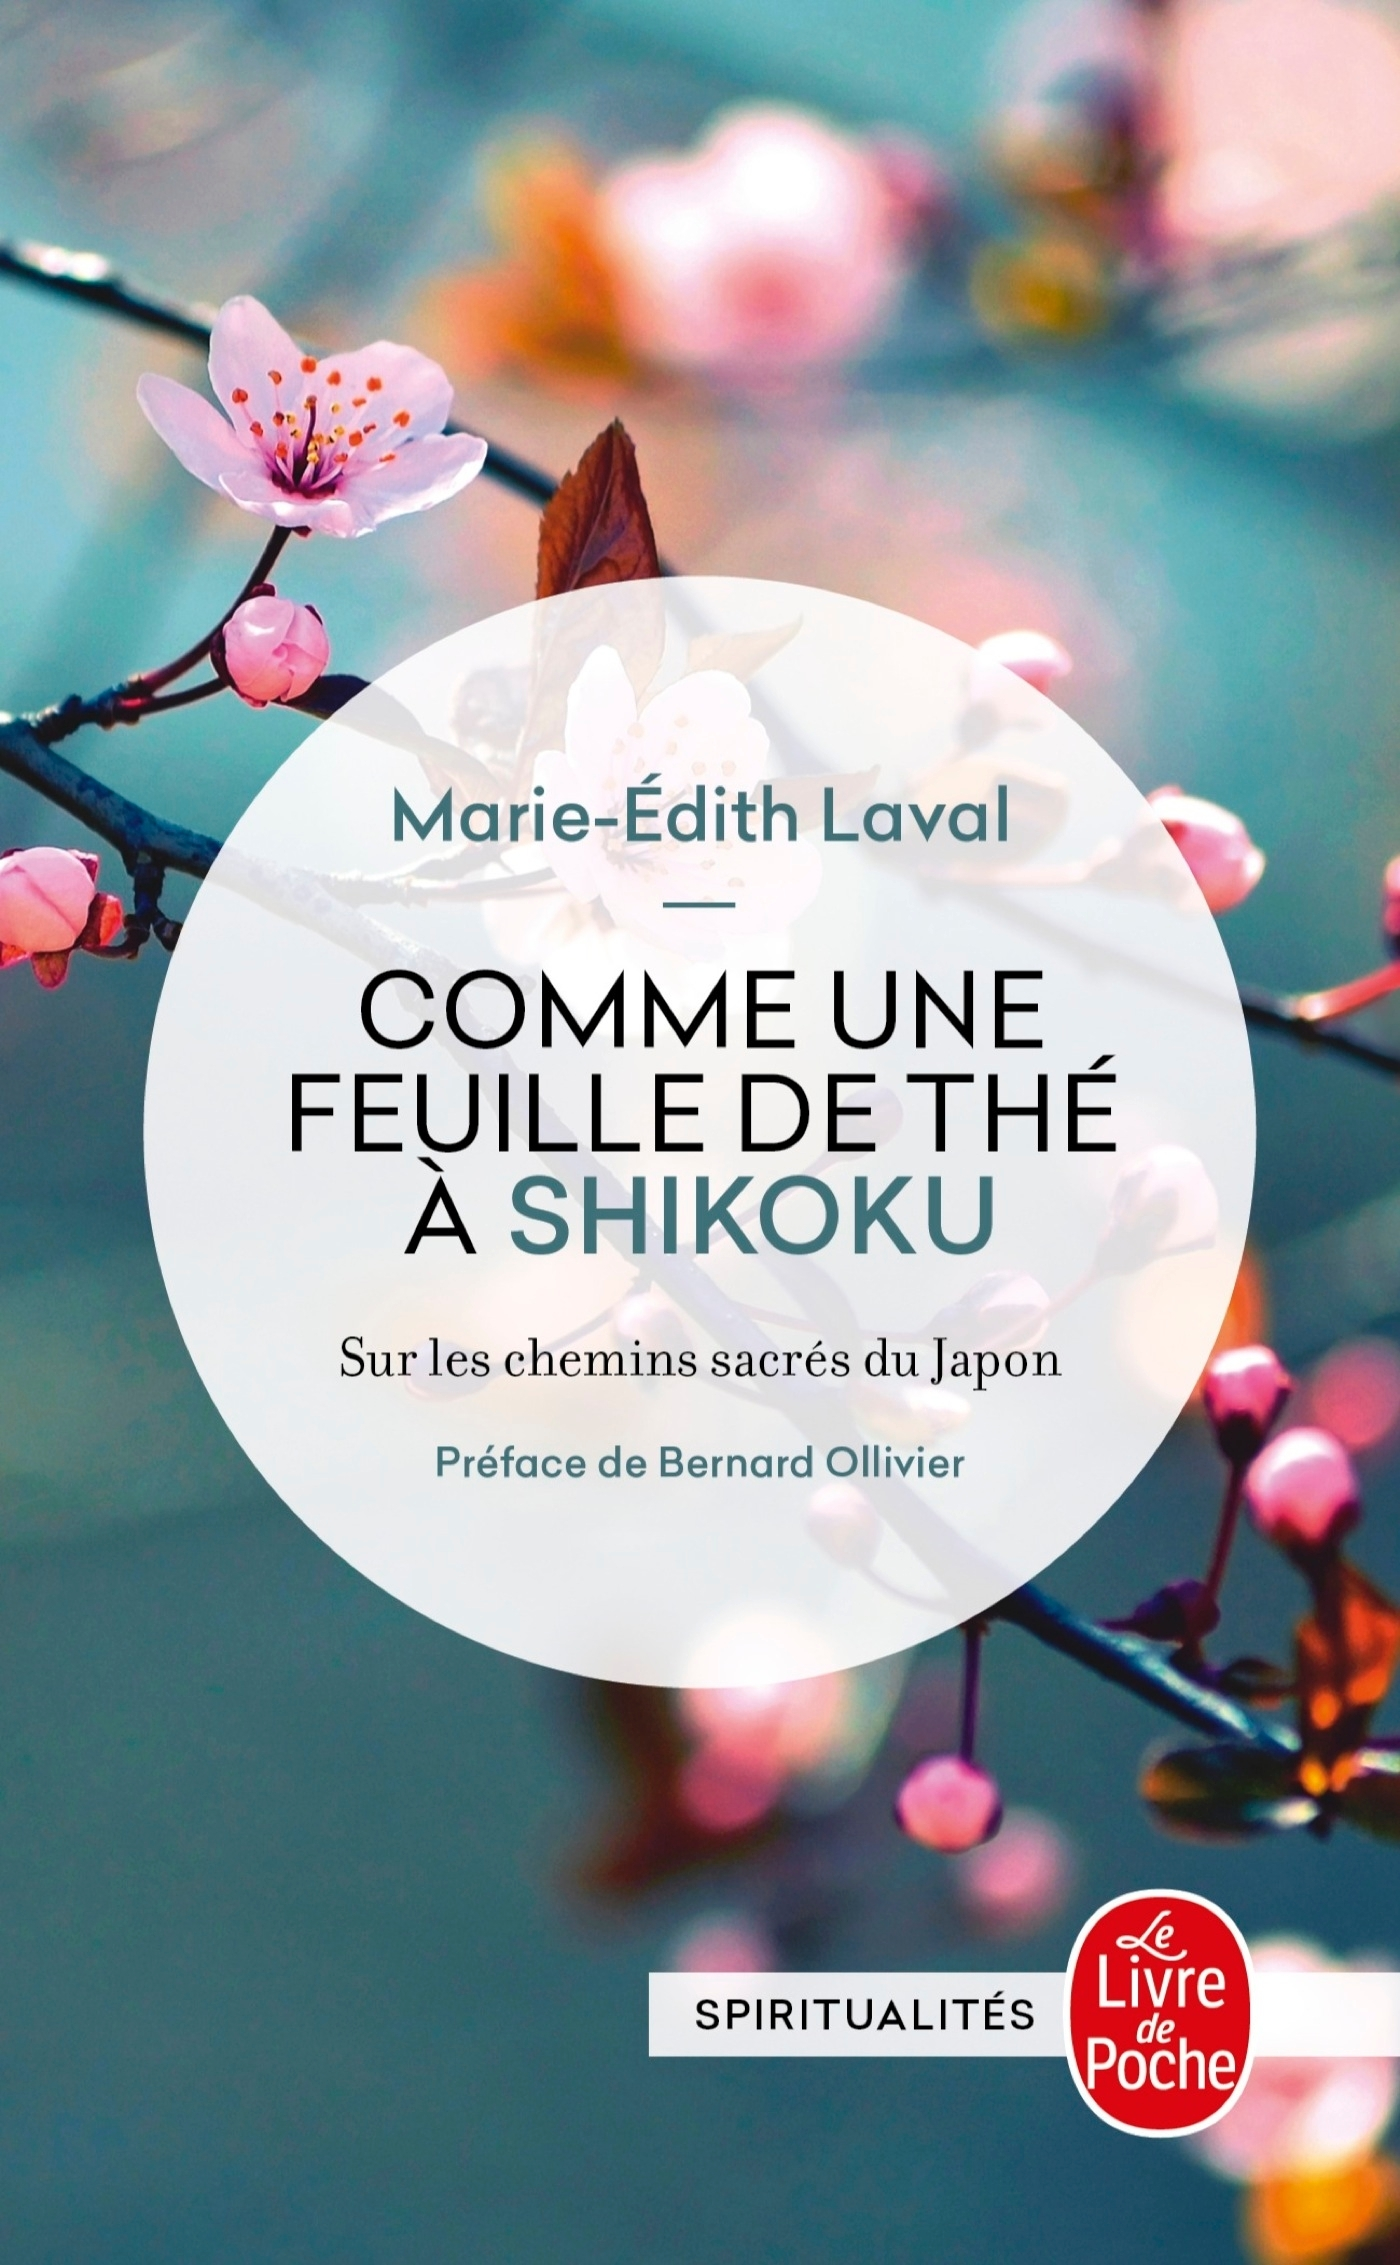 COMME UNE FEUILLE DE THE A SHIKOKU